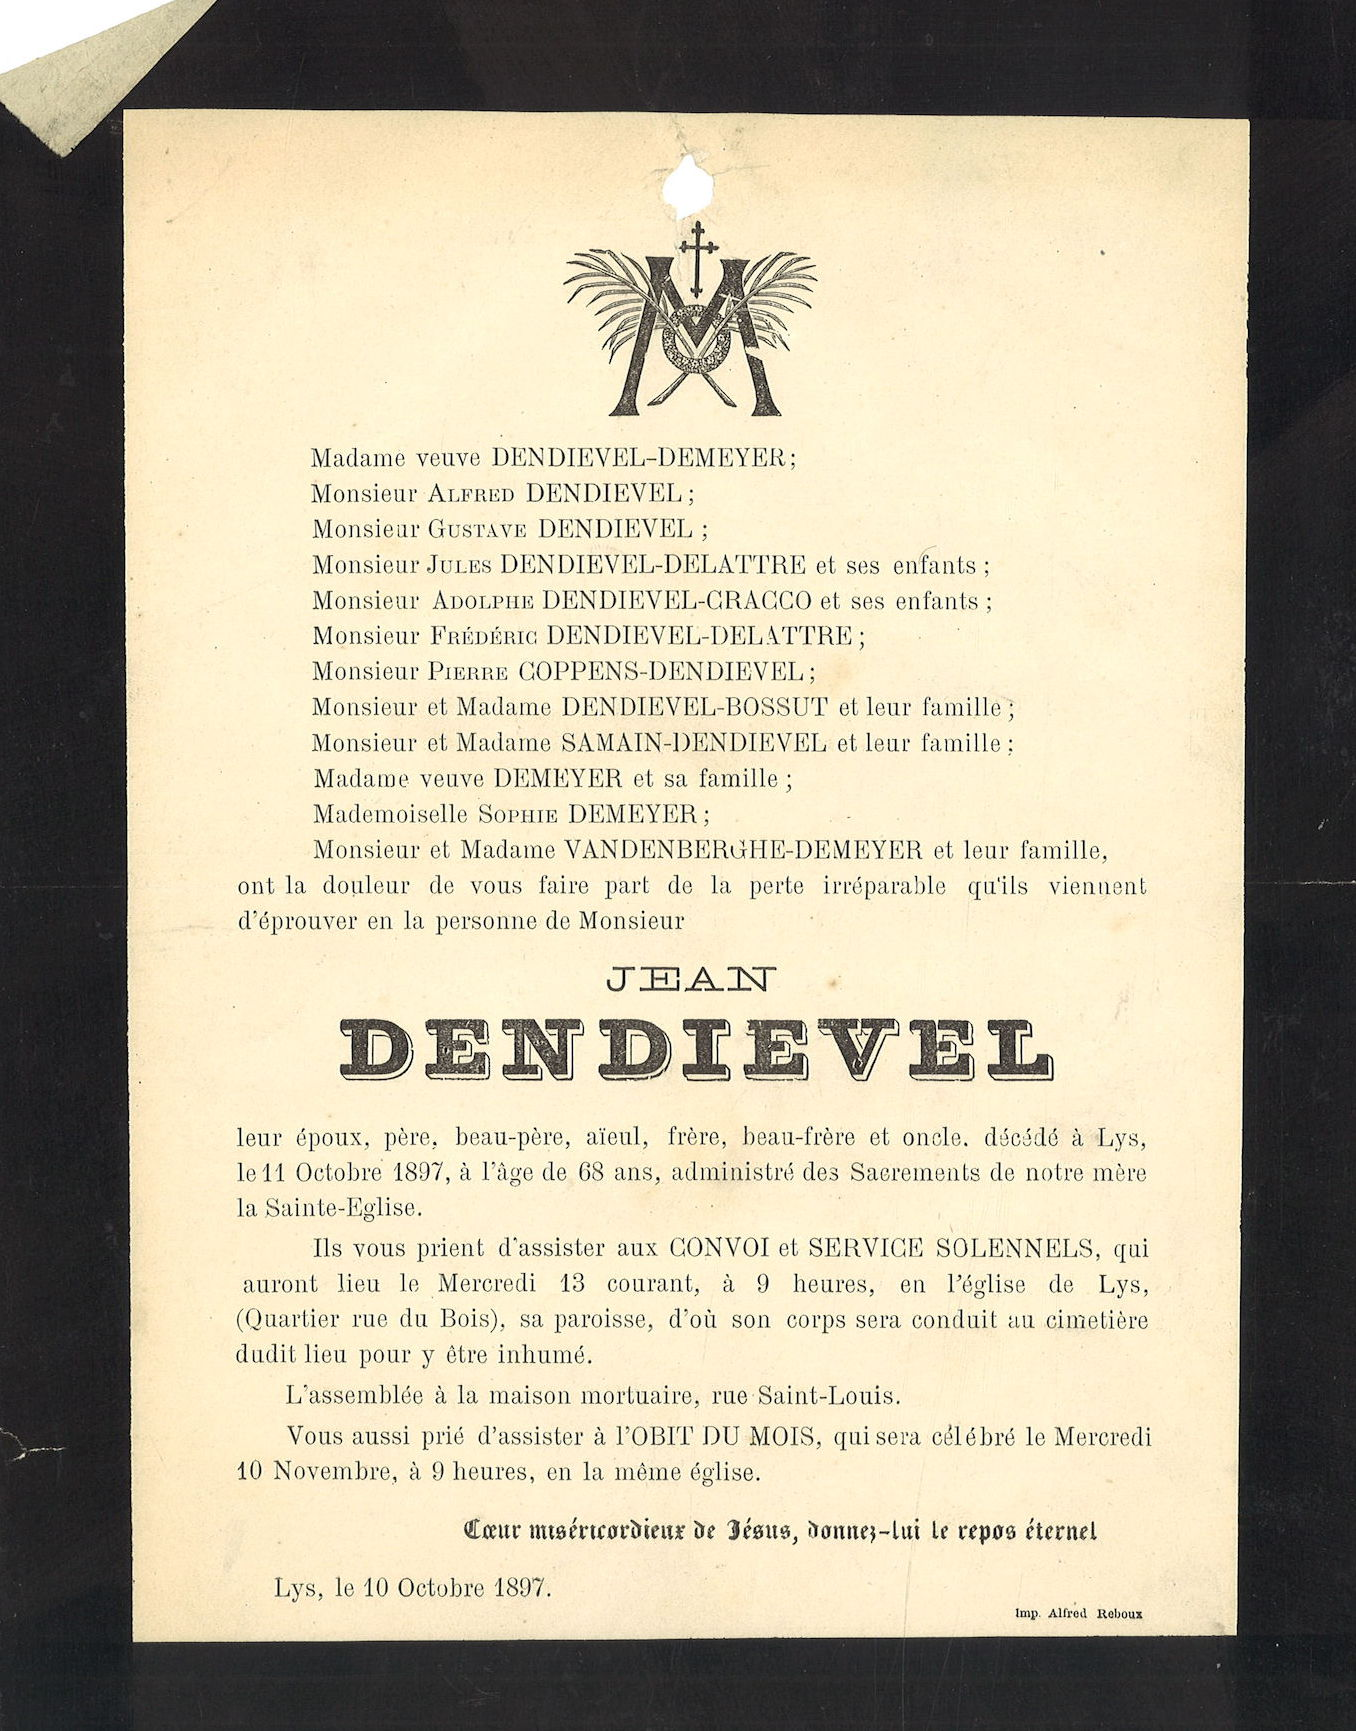 Jean Dendievel